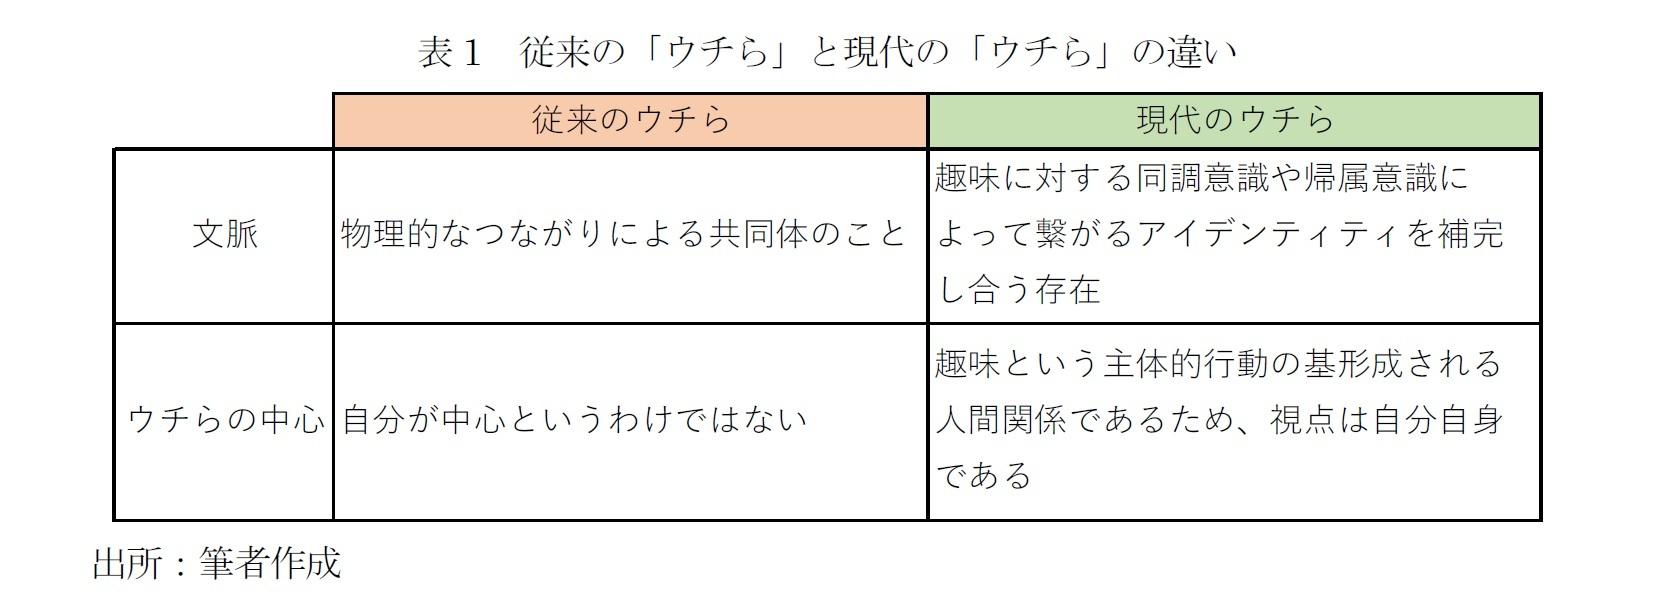 表1 従来の「ウチら」と現代の「ウチら」の違い